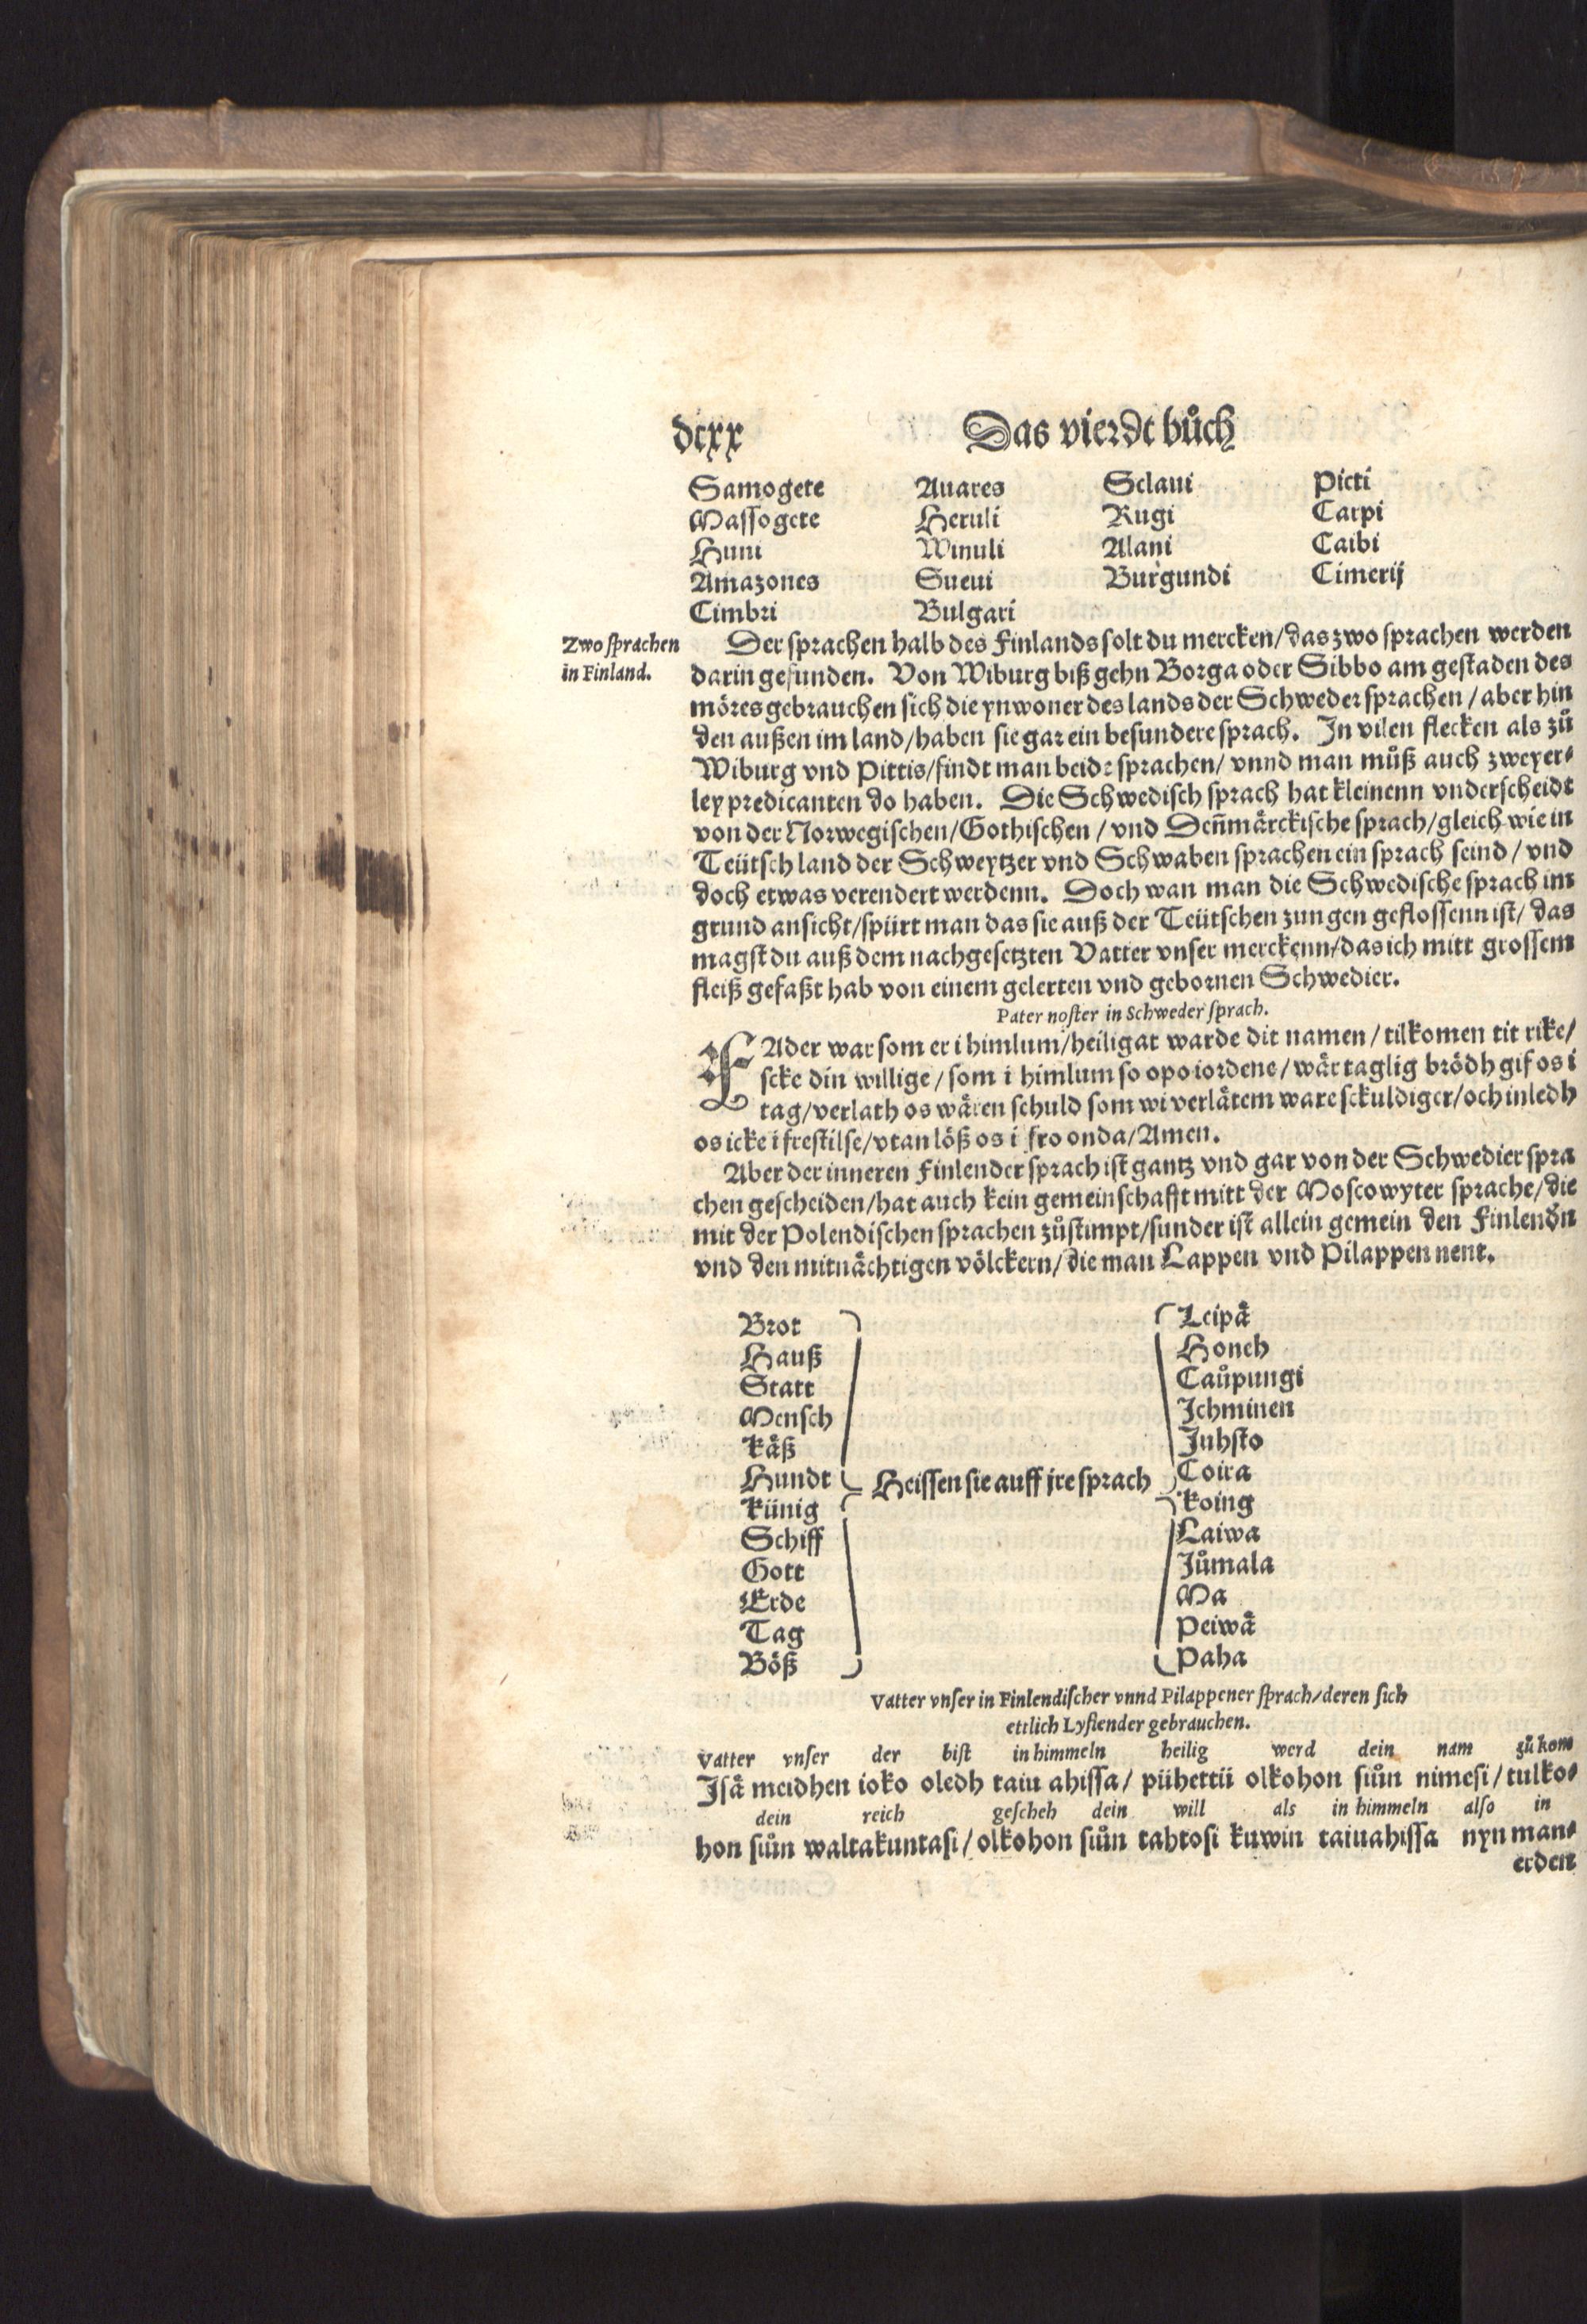 Tysken Sebastian Münster utgav år 1544 i Basel Cosmographia, som enligt honom var en beskrivning av hela världen med allt som fanns däri. Läsarna kunde bl.a. ta del av bönen Fader Vår på finska.